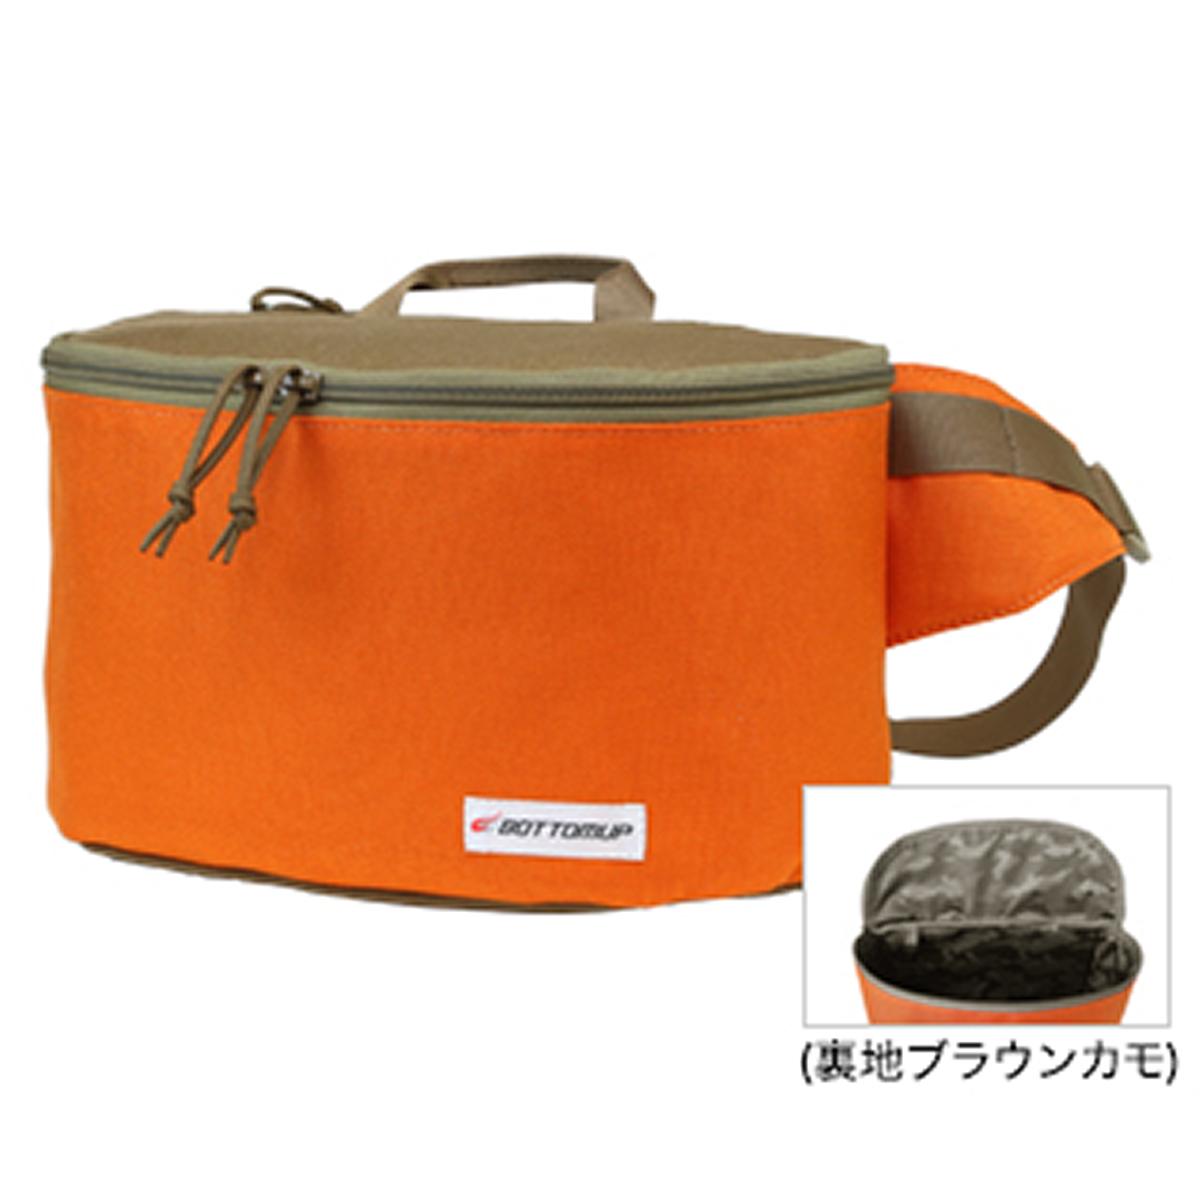 インテイク ボトムアップリミテッドエディション オレンジカーキ